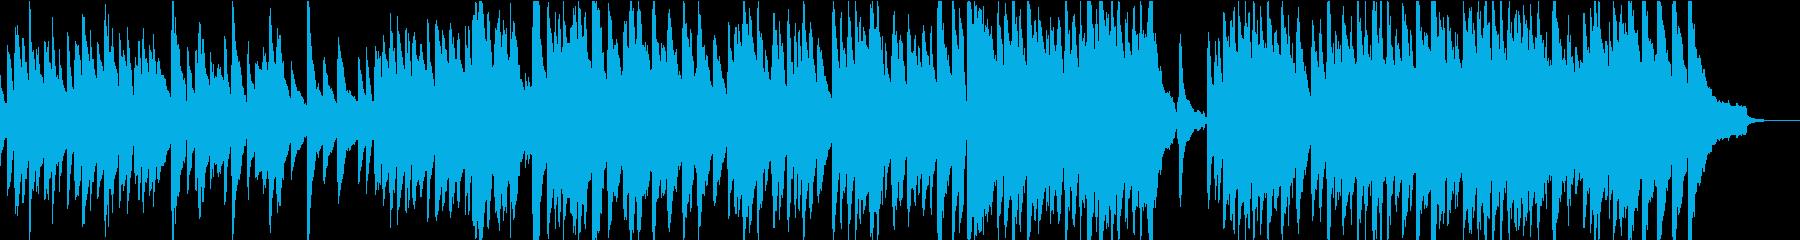 冬の温もりをイメージした曲の再生済みの波形